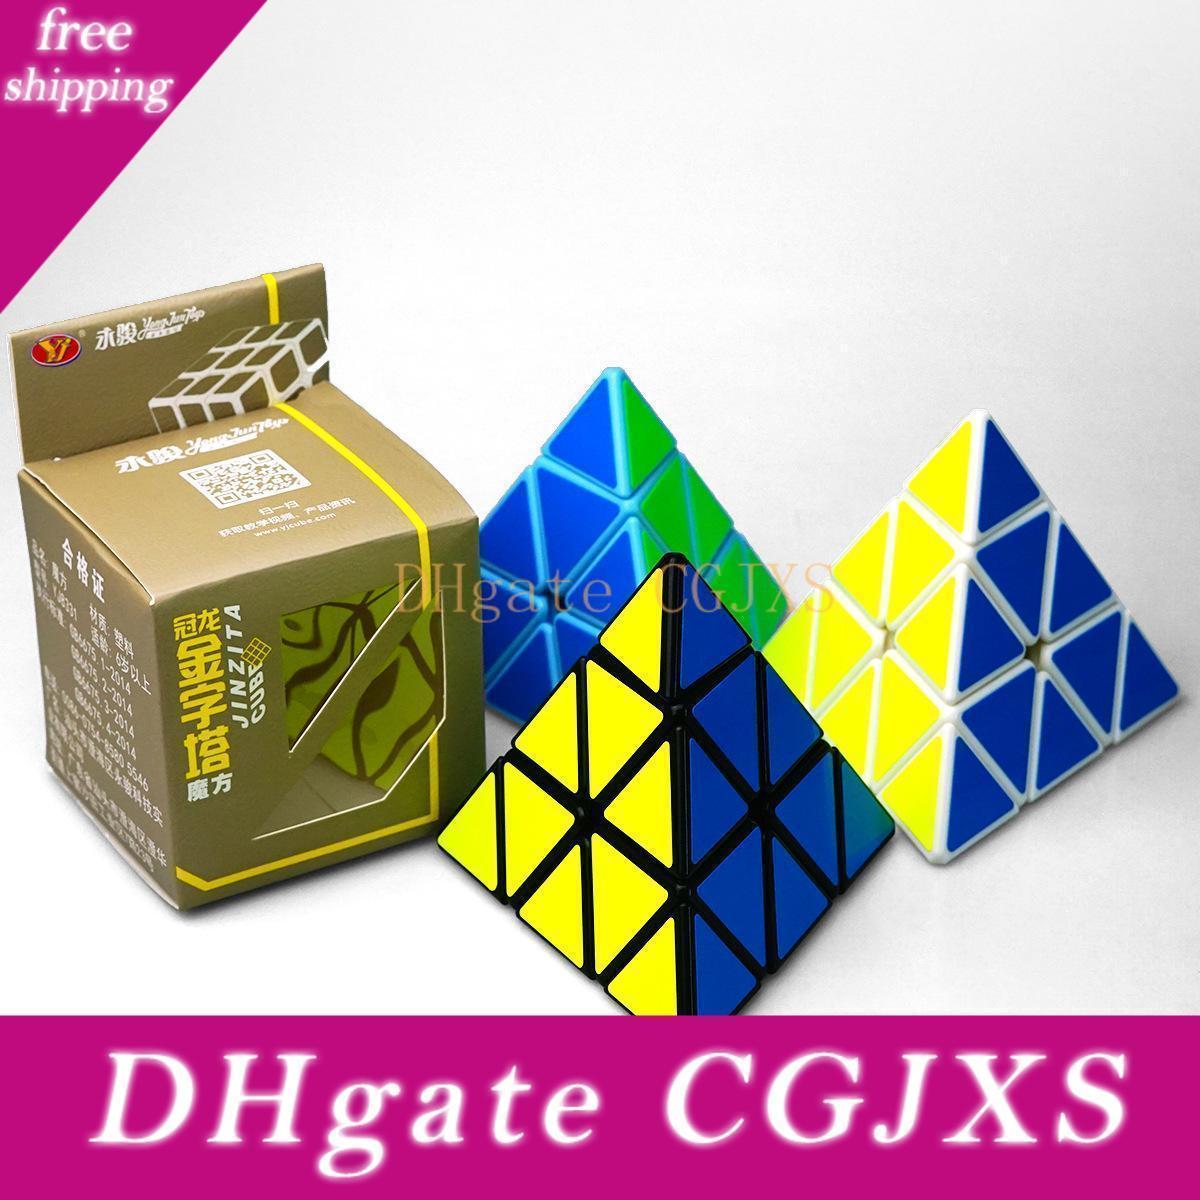 Pyramid Magic Cube Forma Professional Ultra -Smooth velocidade Magico Cubo torção quebra-cabeça DIY Educacional brinquedo para crianças Crianças